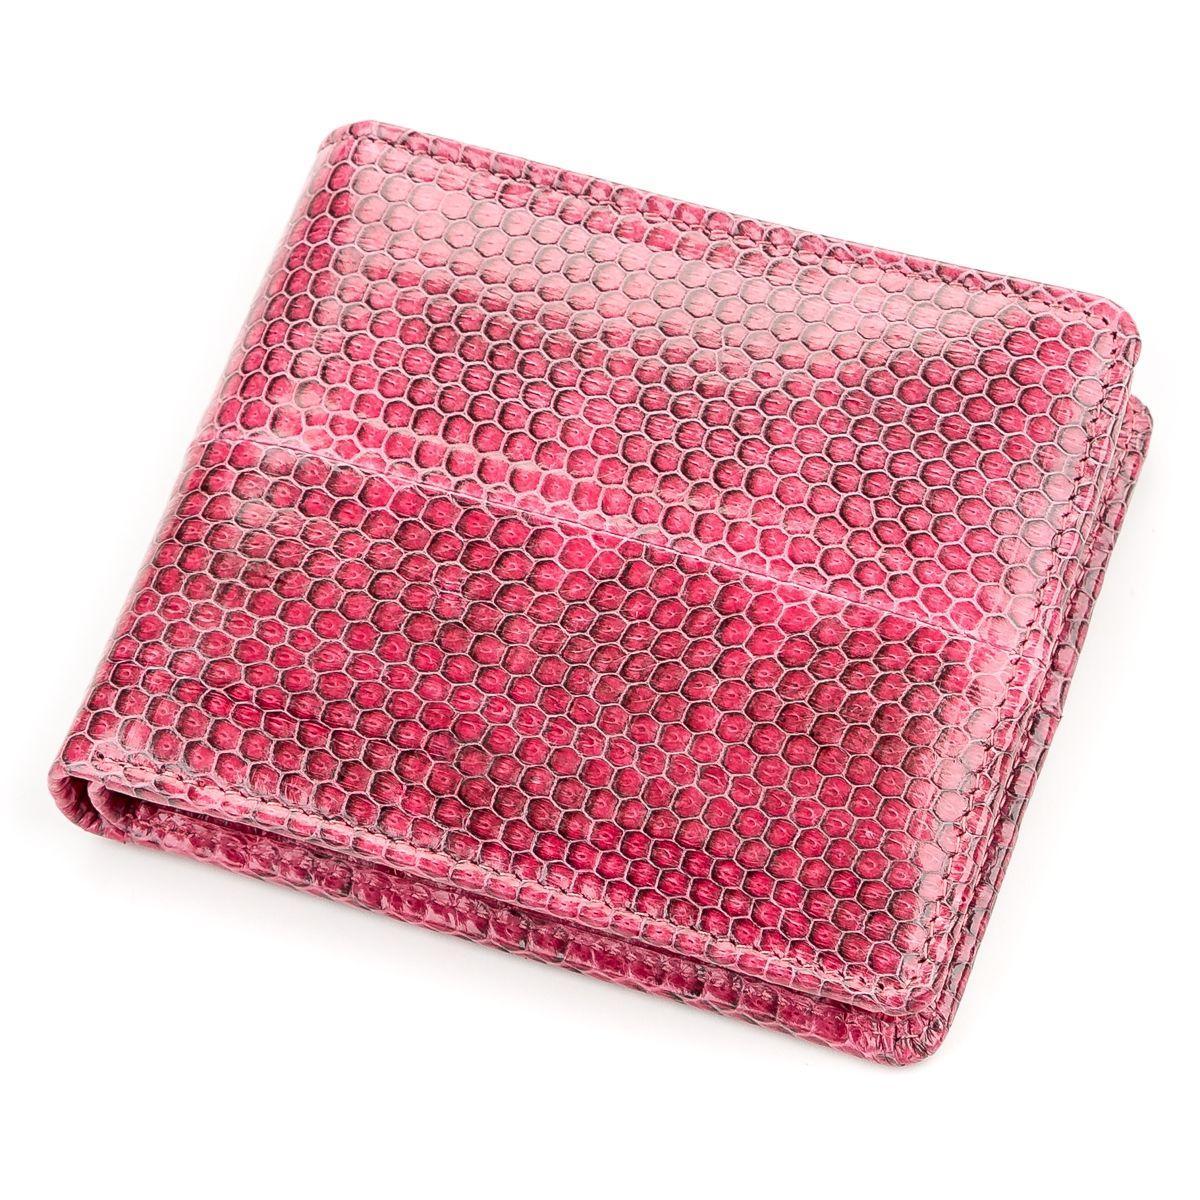 Кошелек  Ekzotic Leather из натуральной кожи морской змеи Розовый (snw 40)